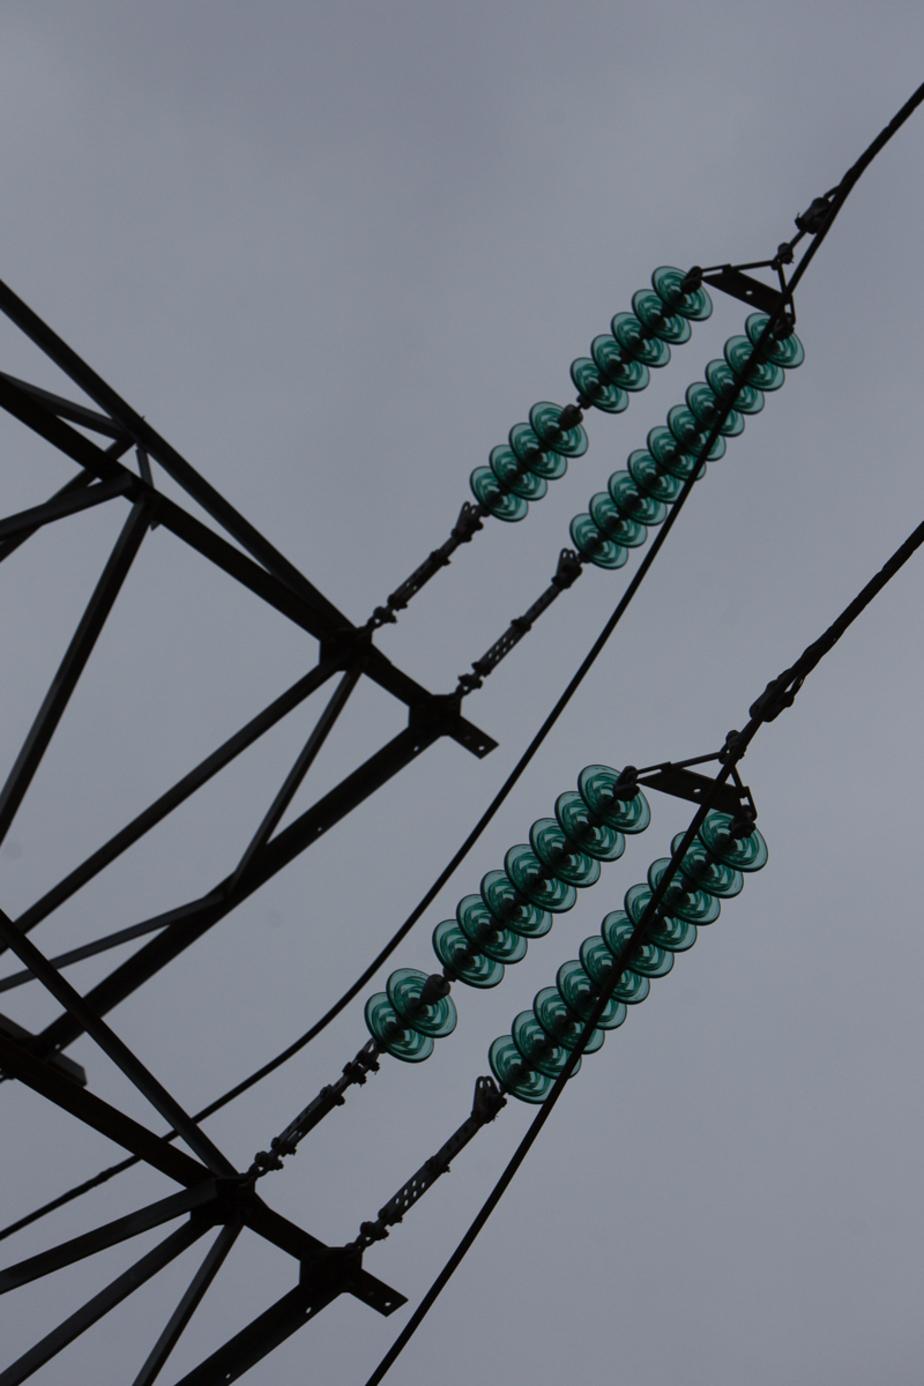 Госдума: Калининградская область может пострадать от энергетической блокады со стороны Прибалтики  - Новости Калининграда